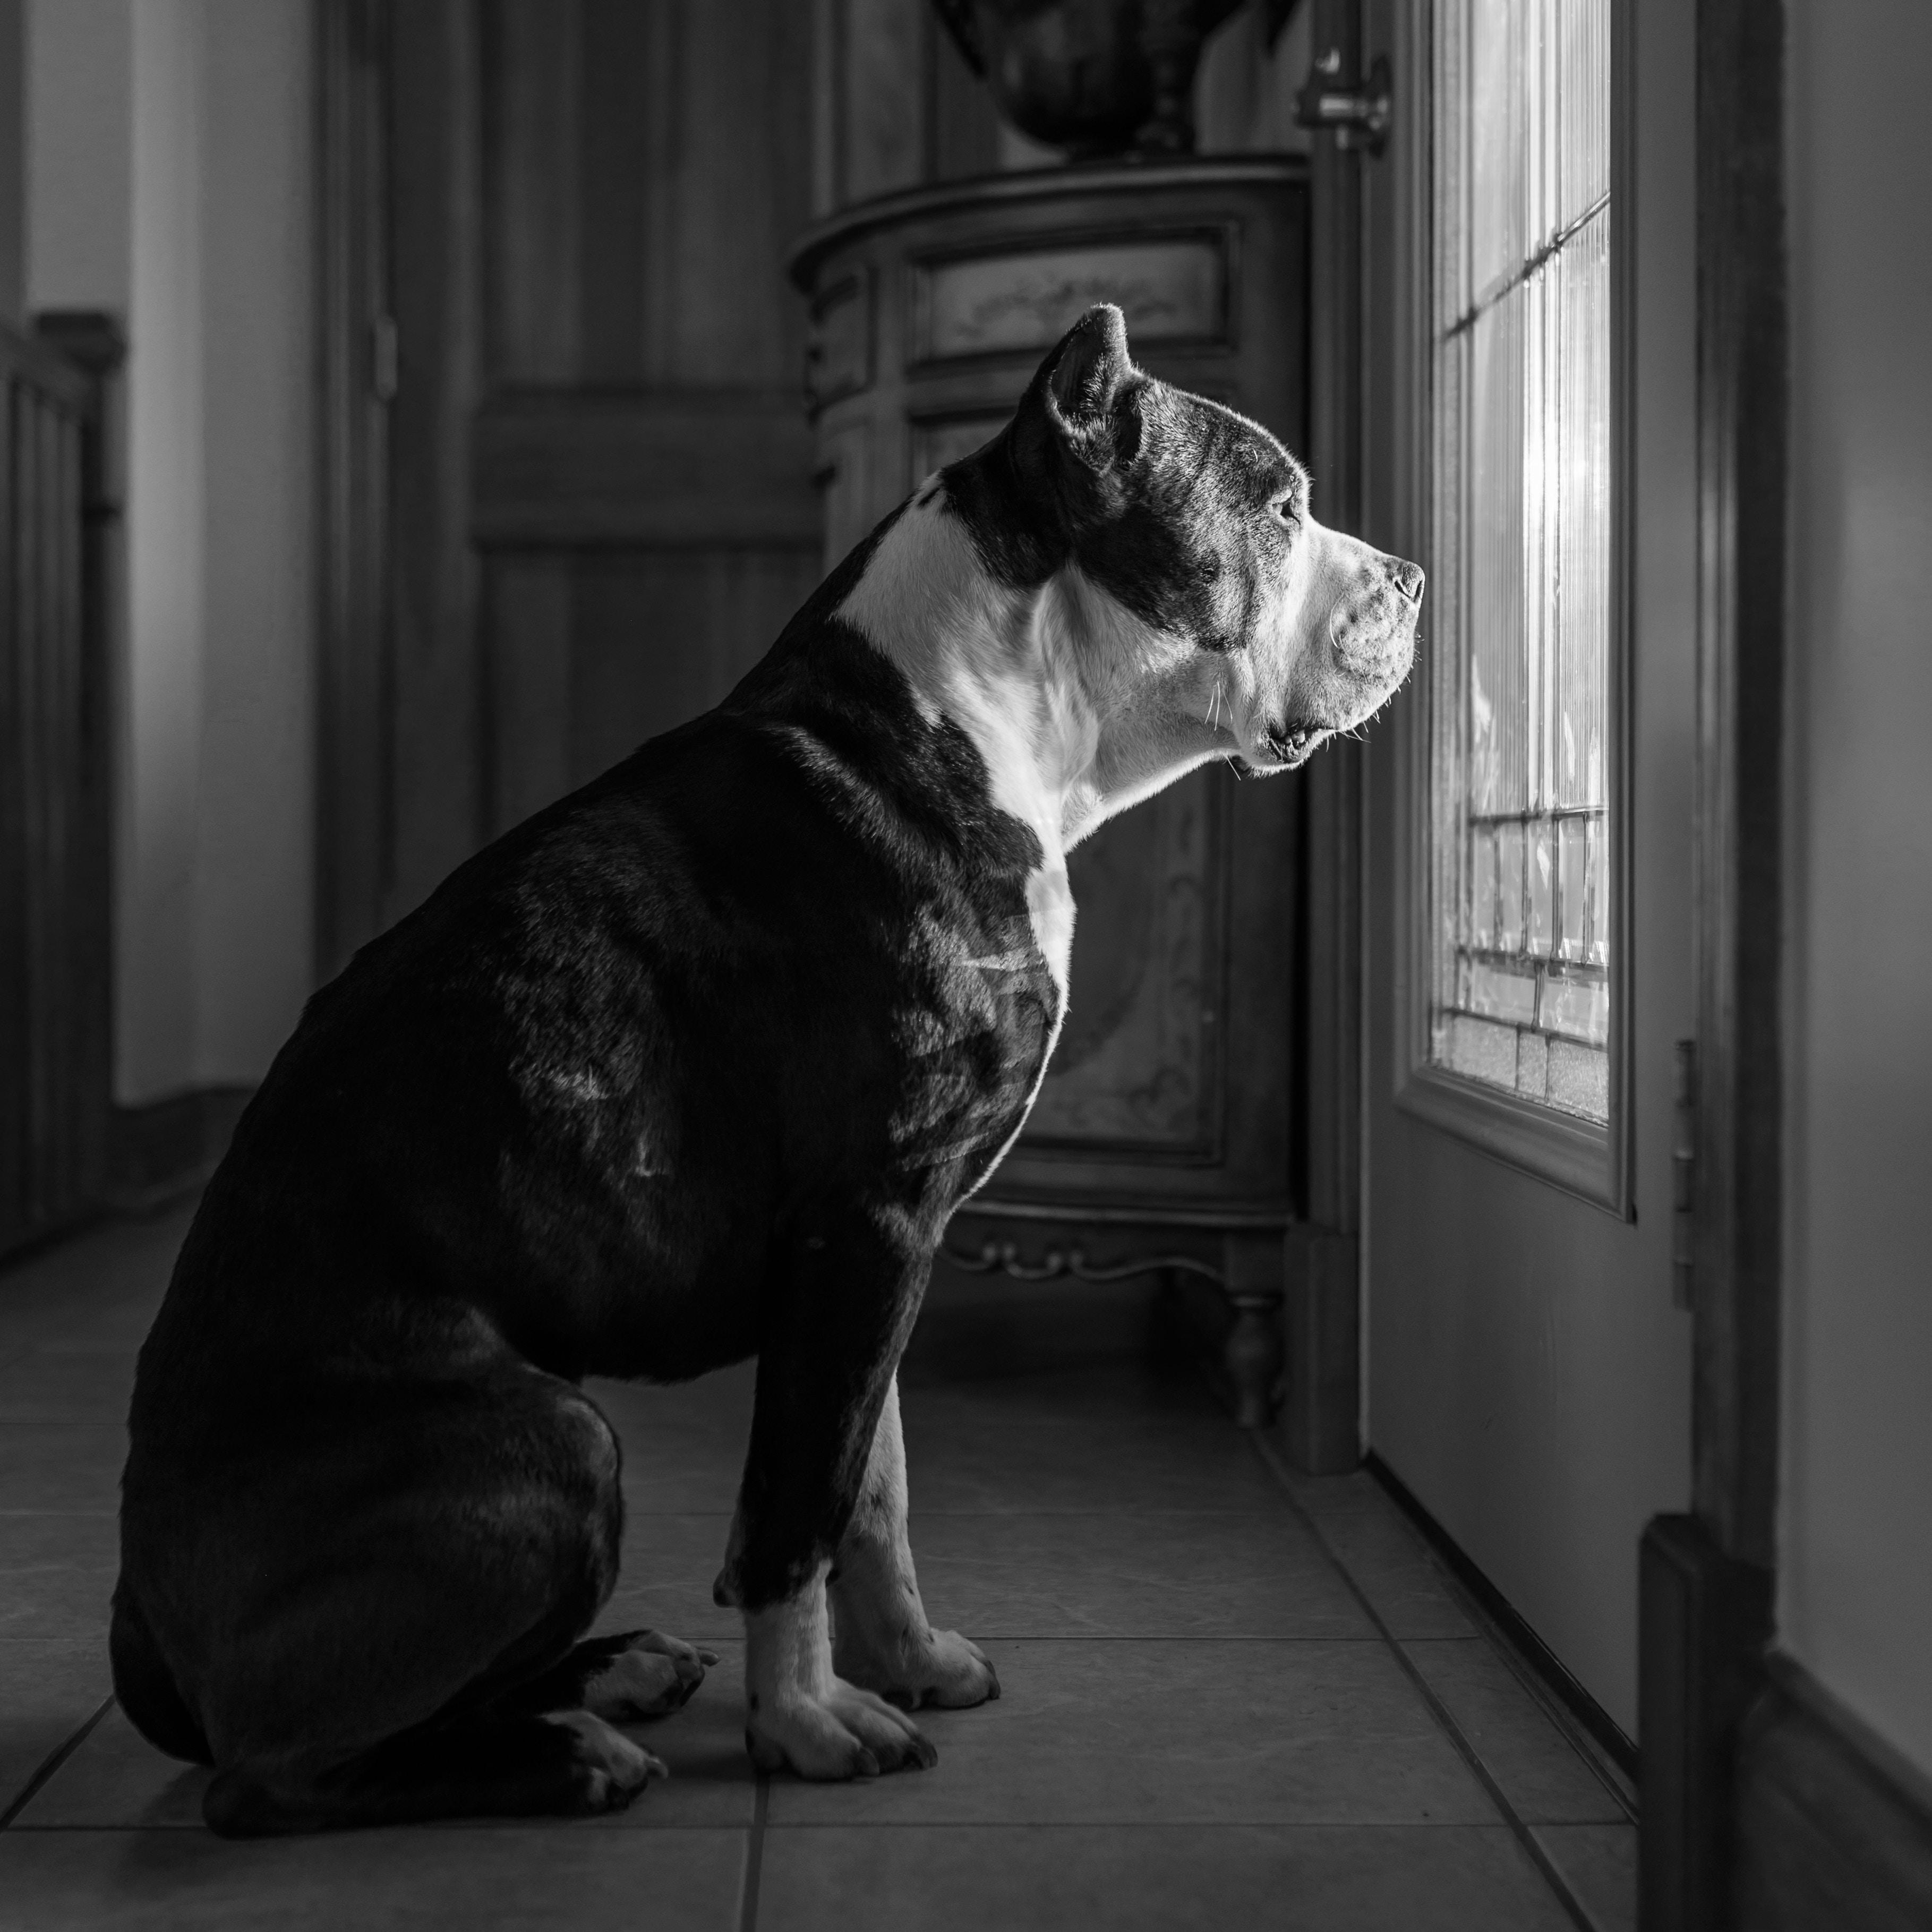 Perros con miedo a la soledad